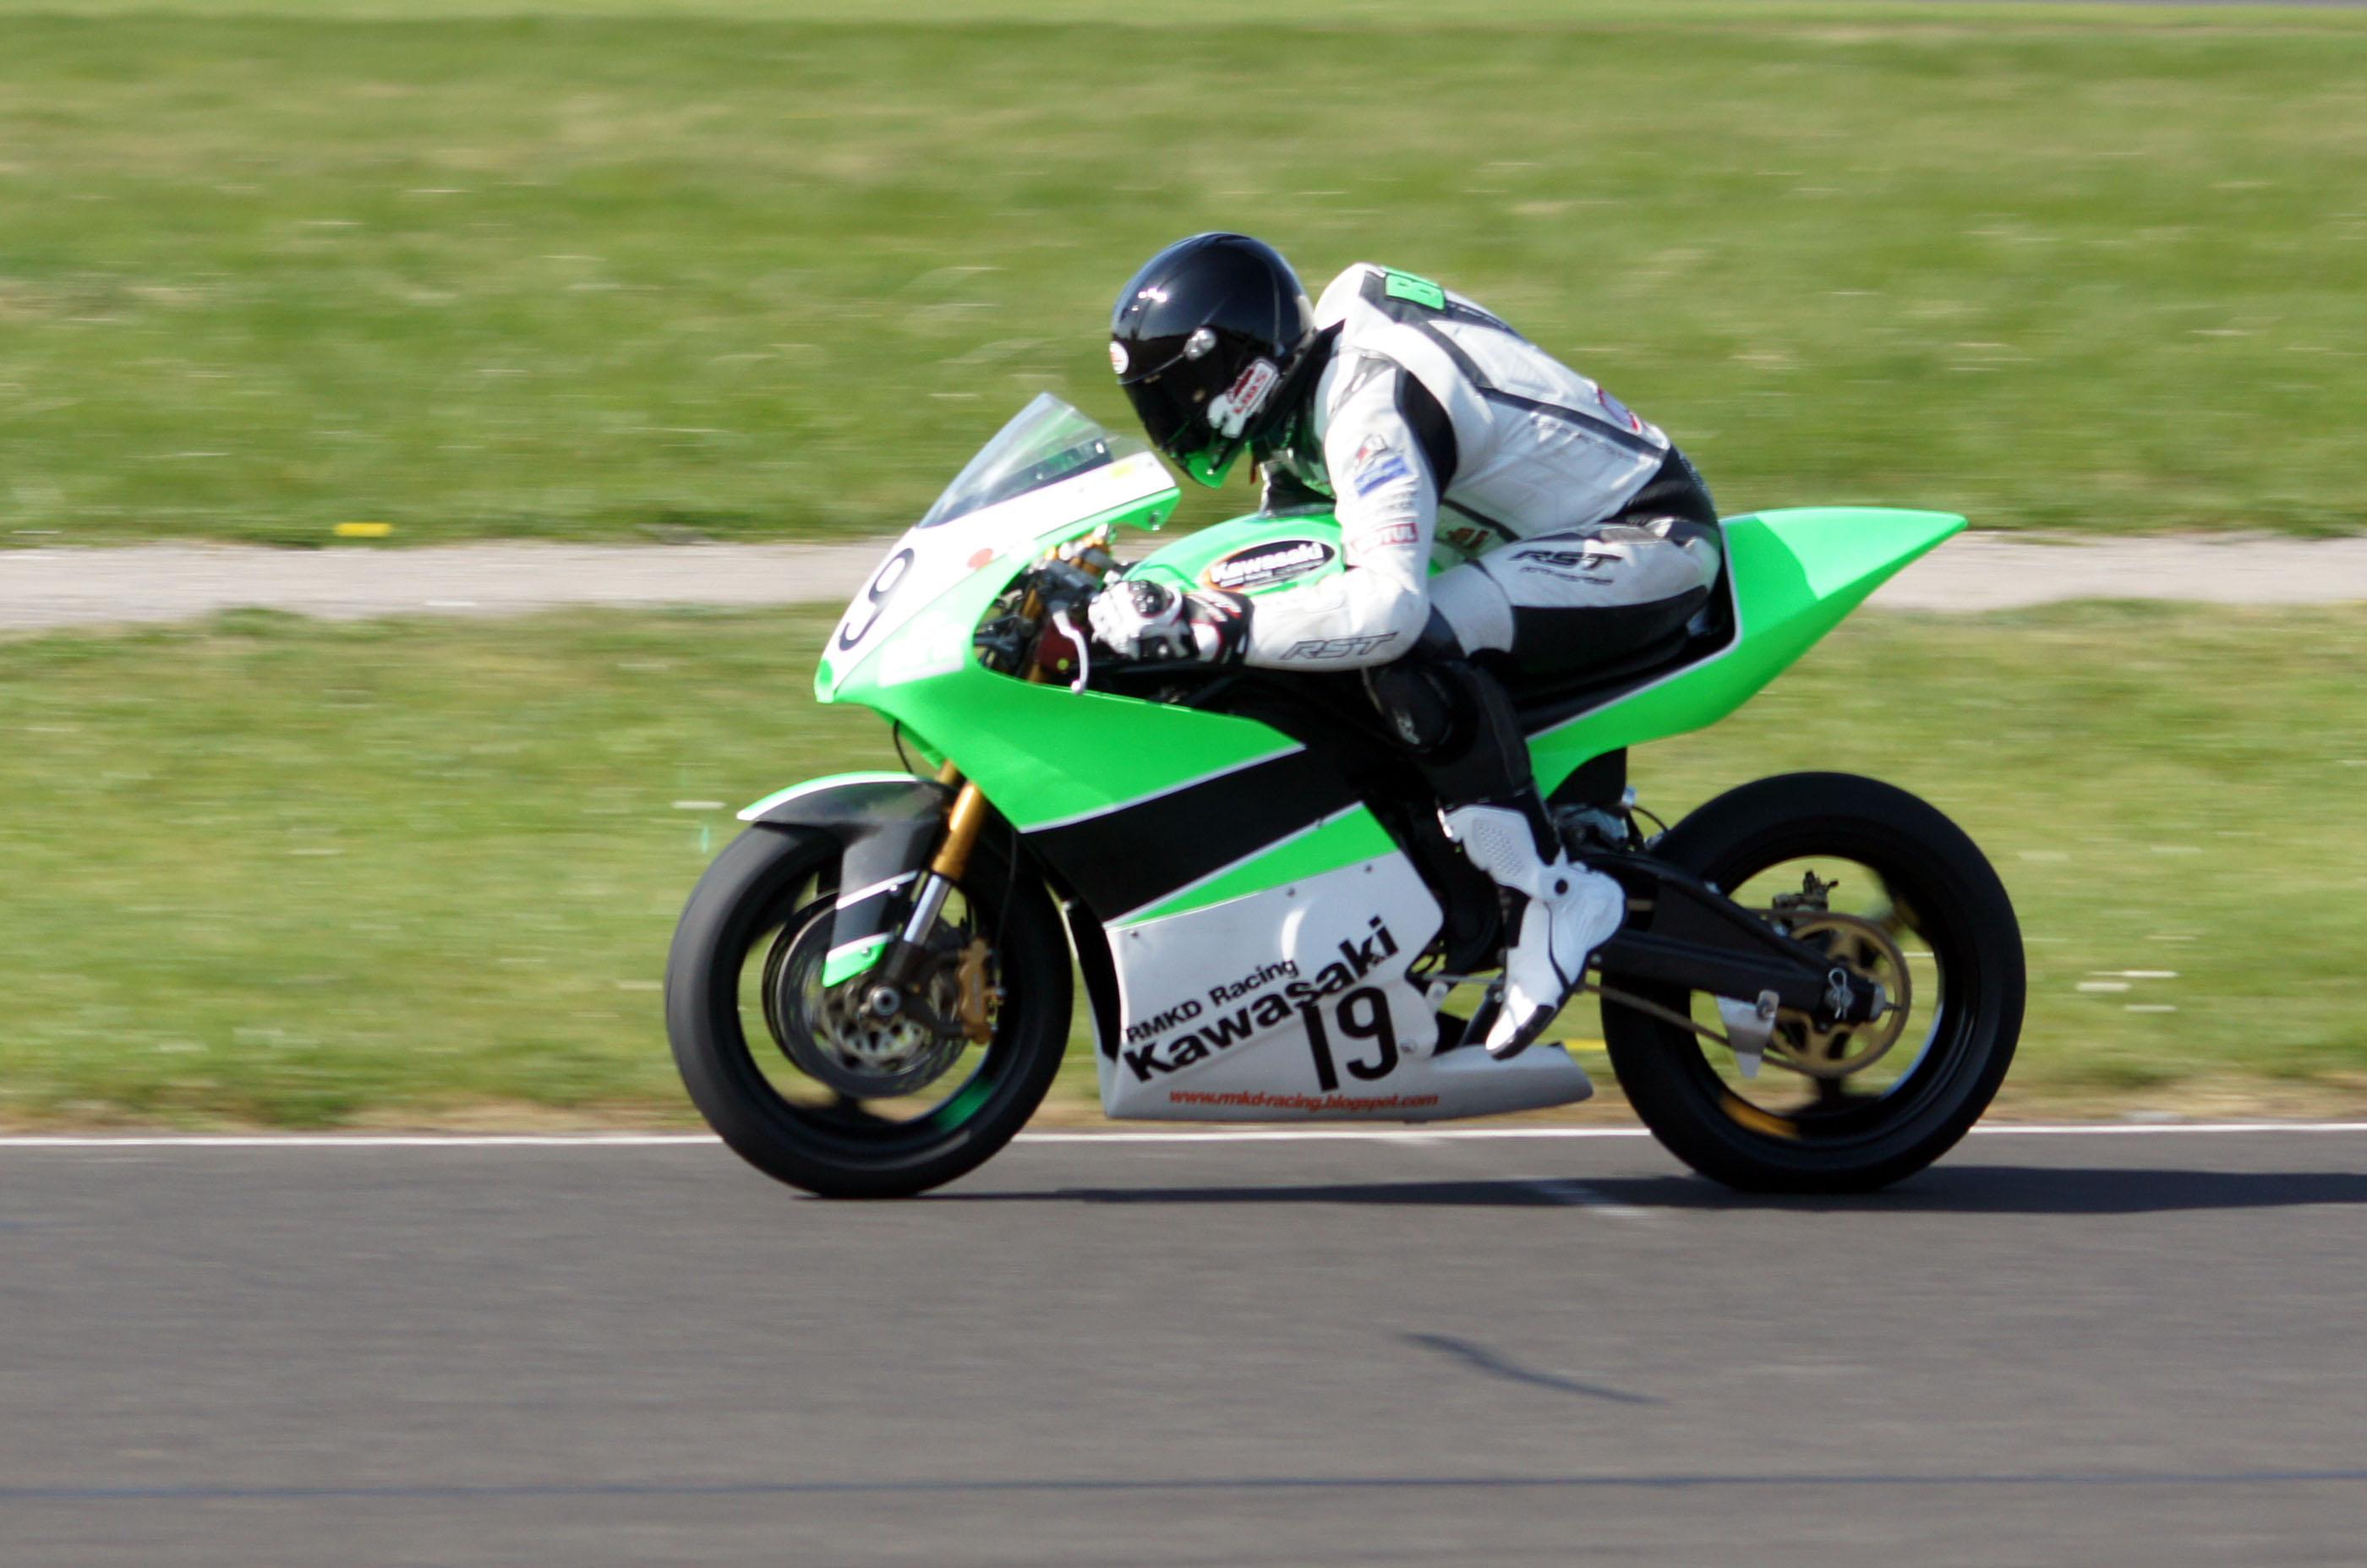 RS250 seat unit & nice race rearsets - www zxrworld co uk